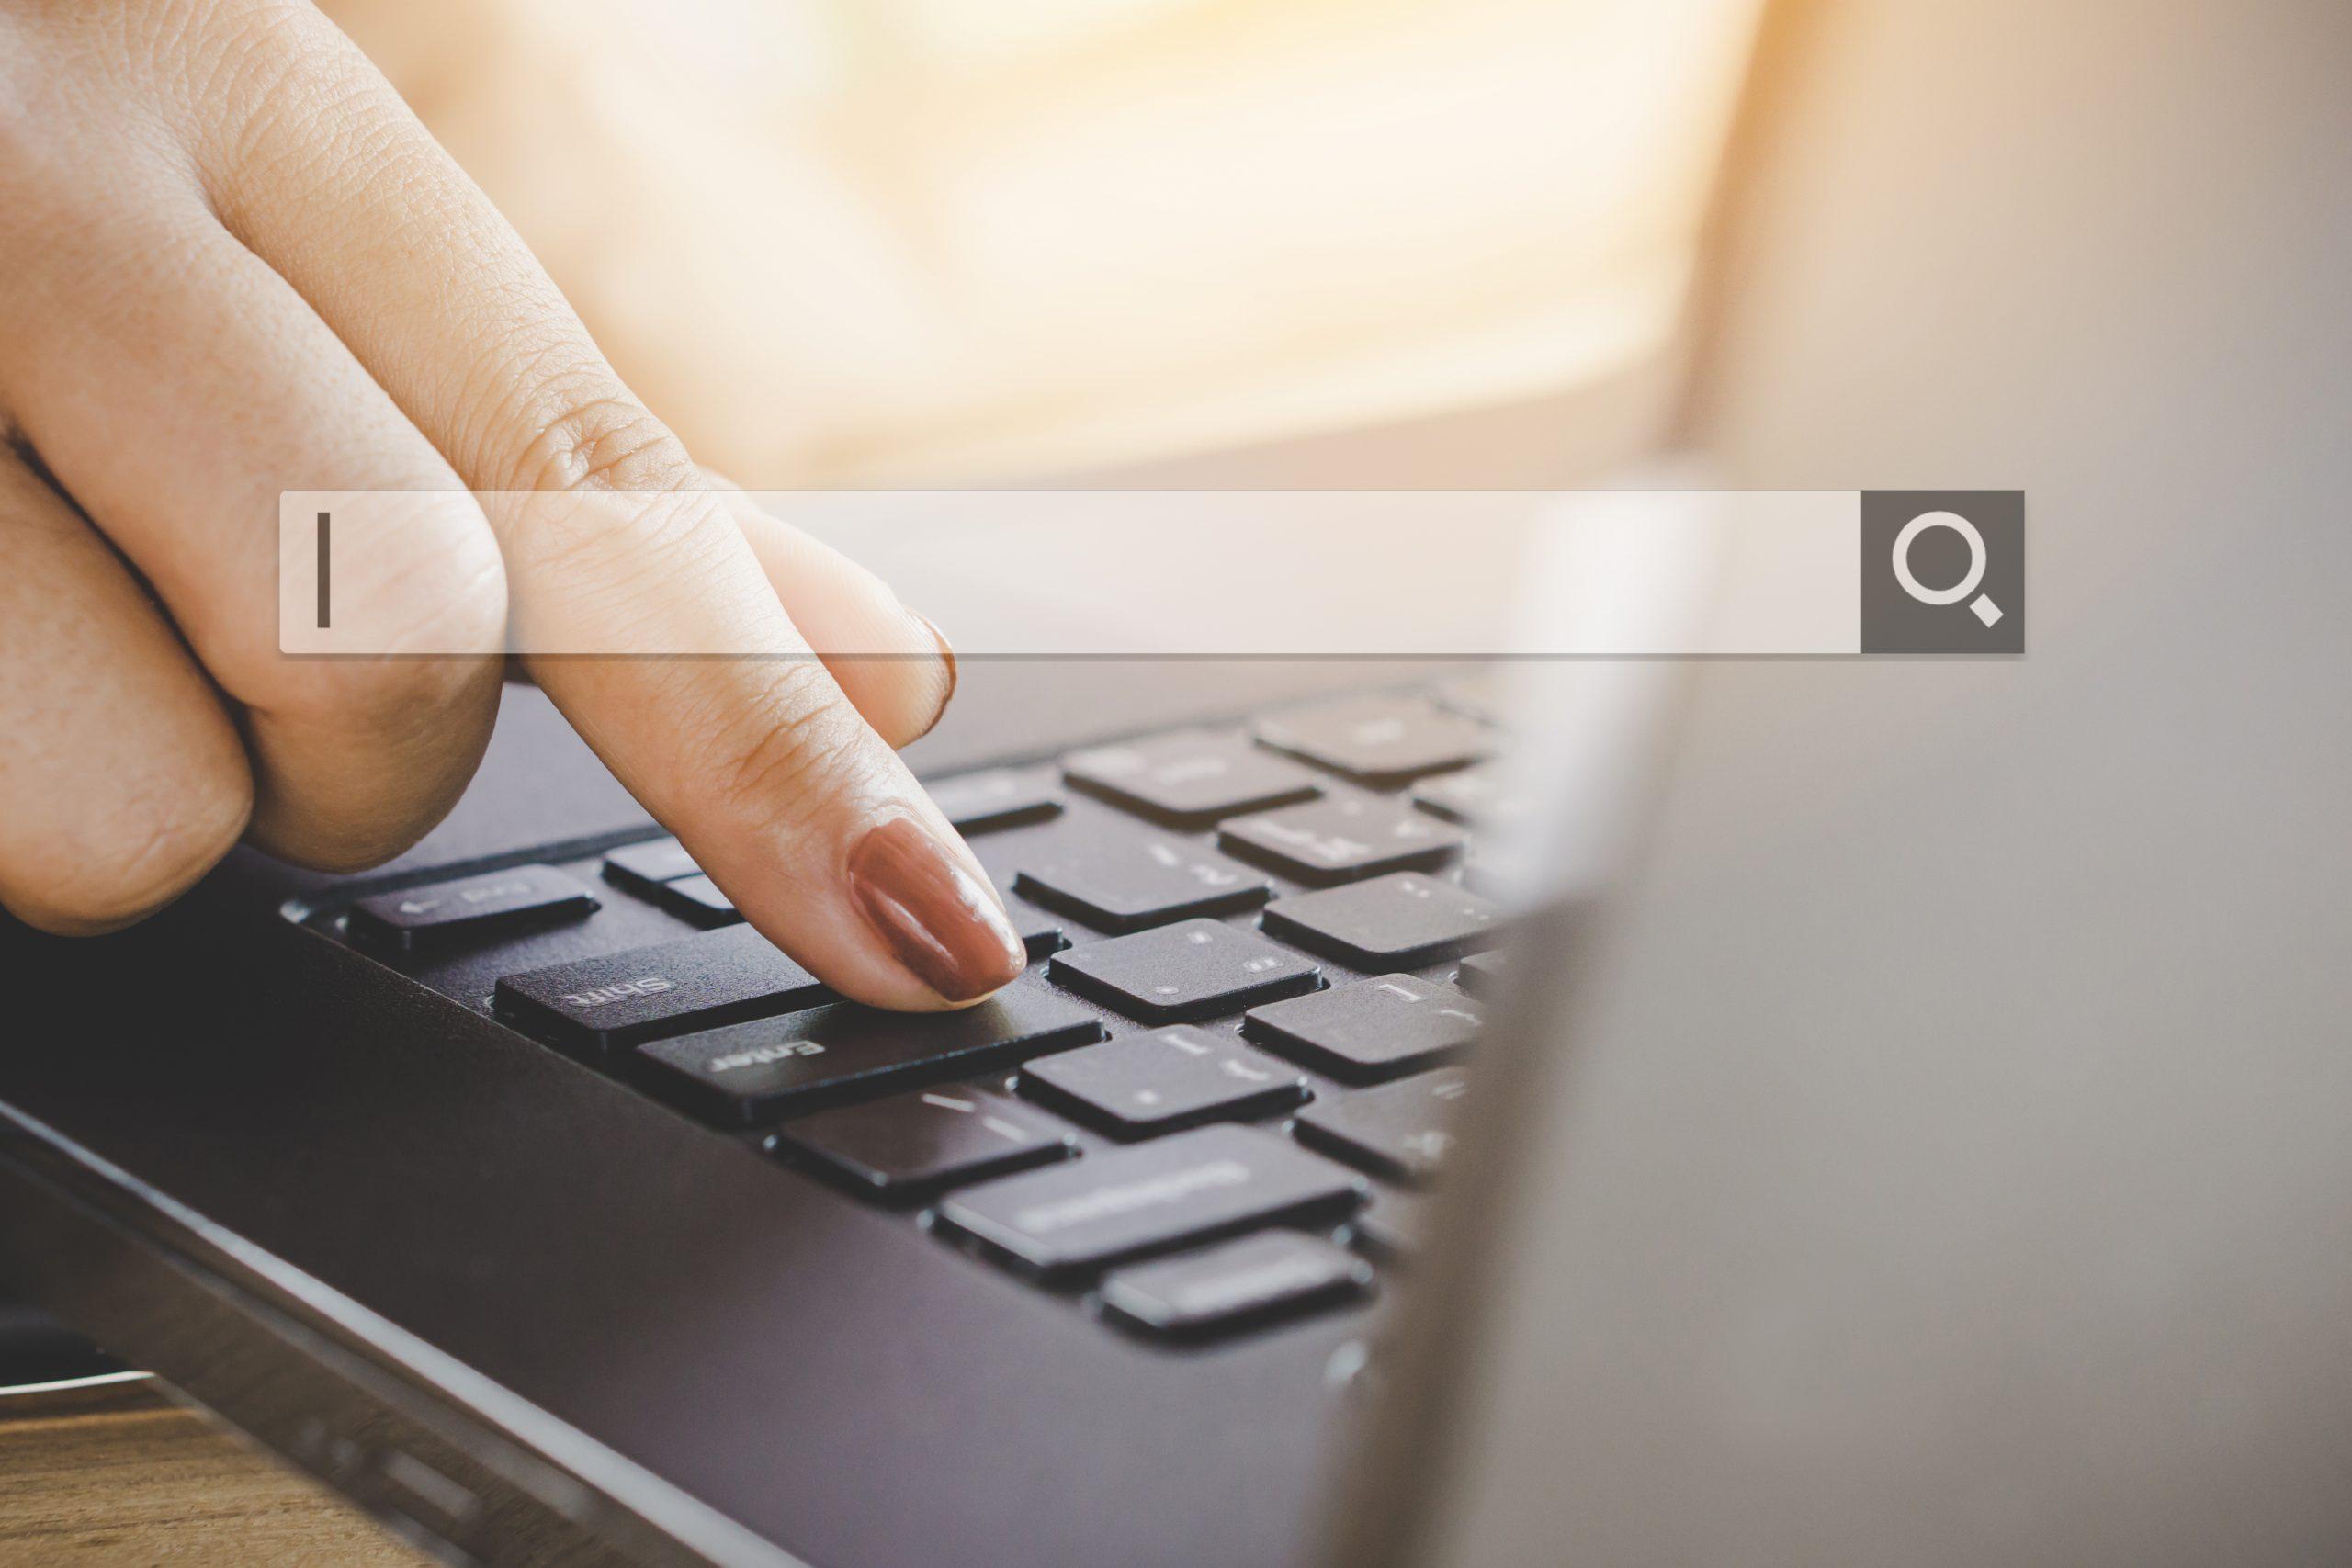 Frau tippt auf Laptop Tastatur Suchleiste offen